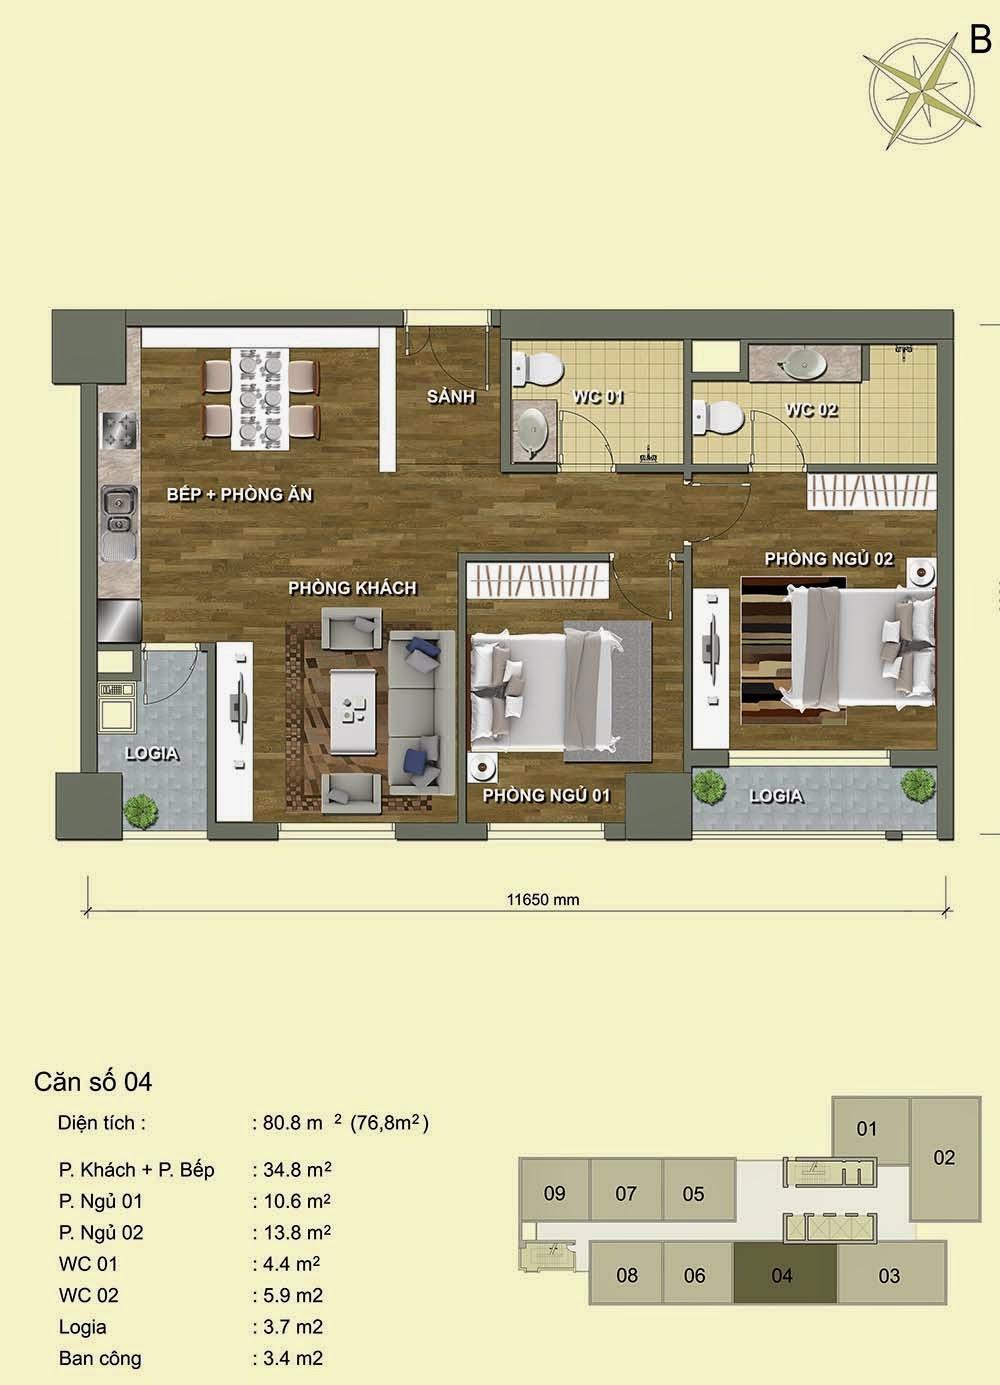 Căn số 04 - Park View Residence